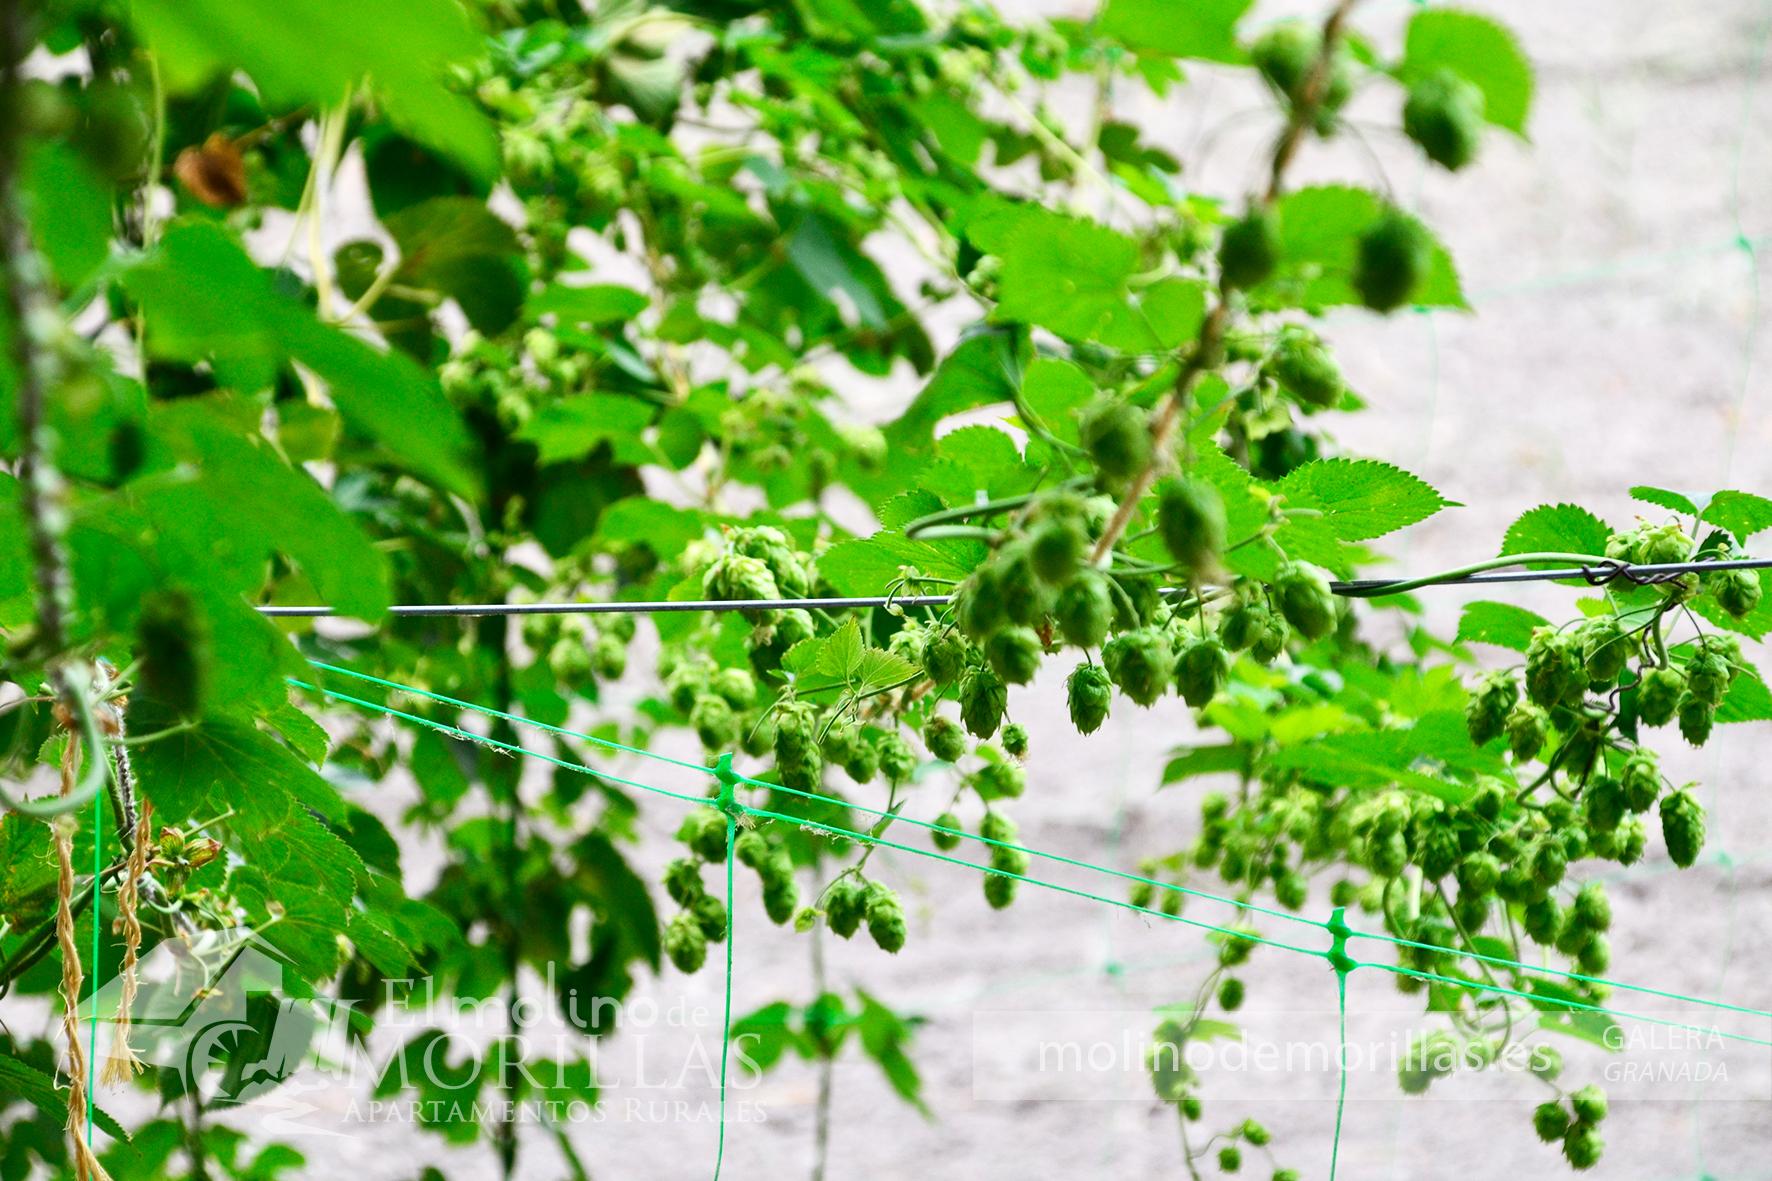 Cultivo de lúpulo ecológico